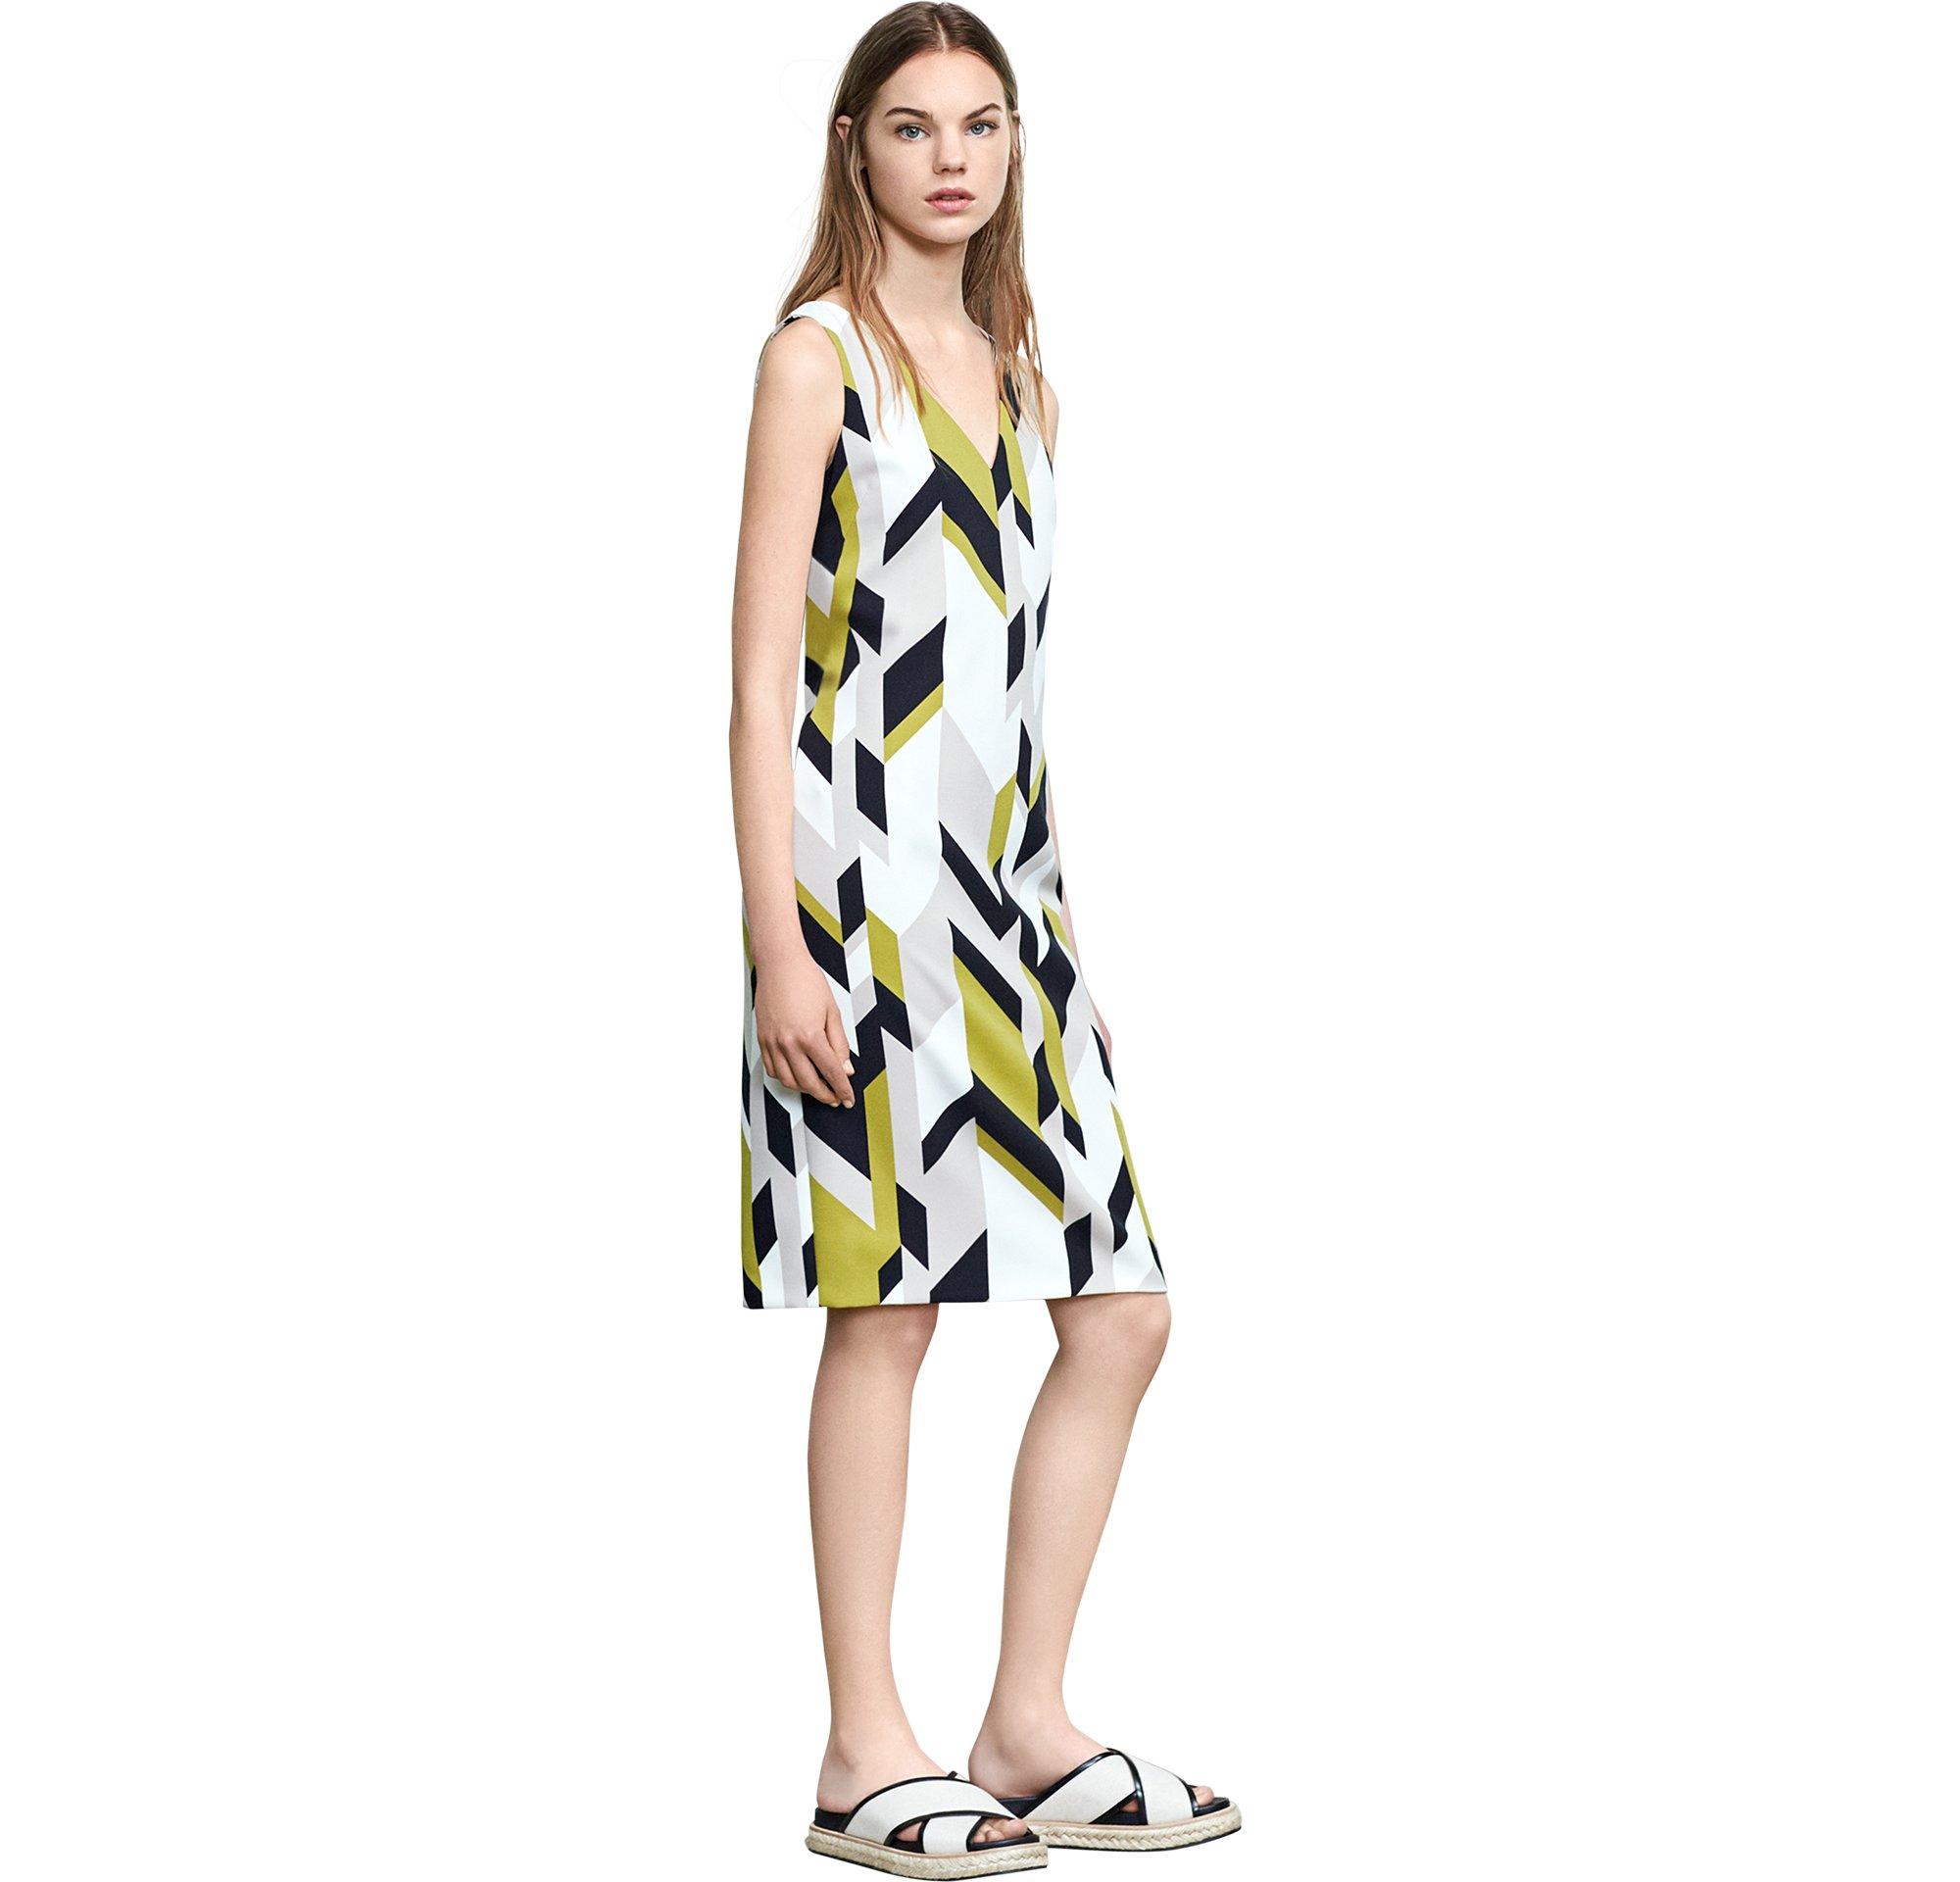 Kleid und Schuhe von BOSS Womenswear